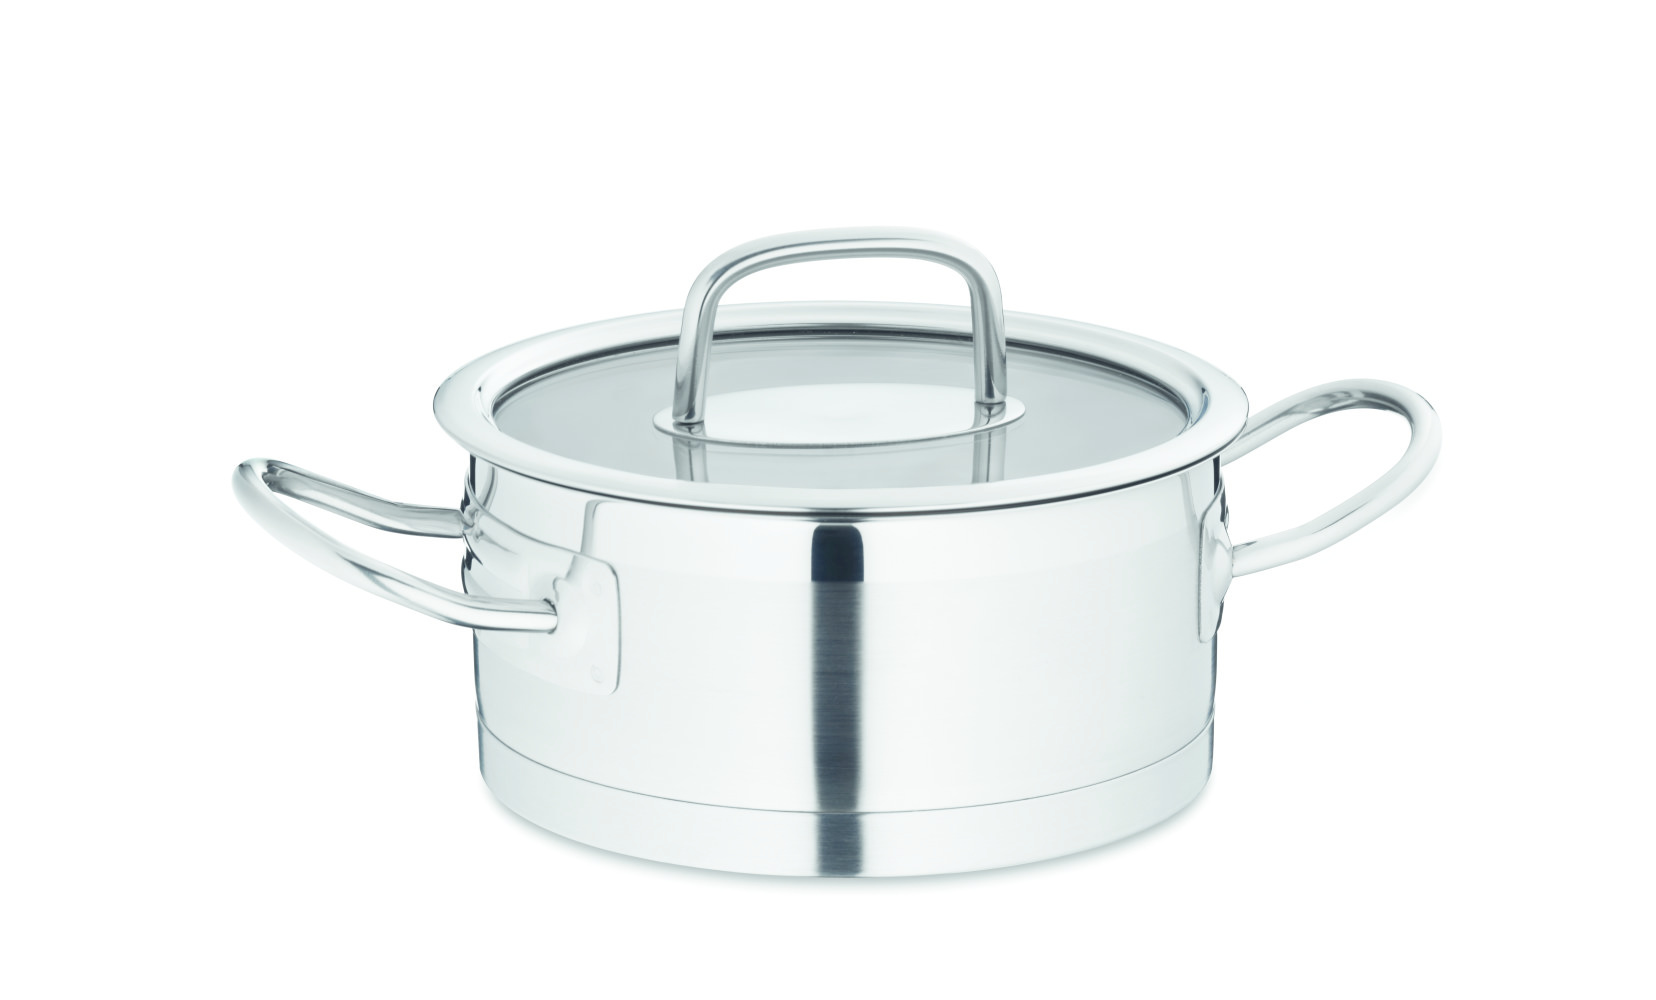 Kela Keuken Niklas Braadpan met Deksel 1,2 liter